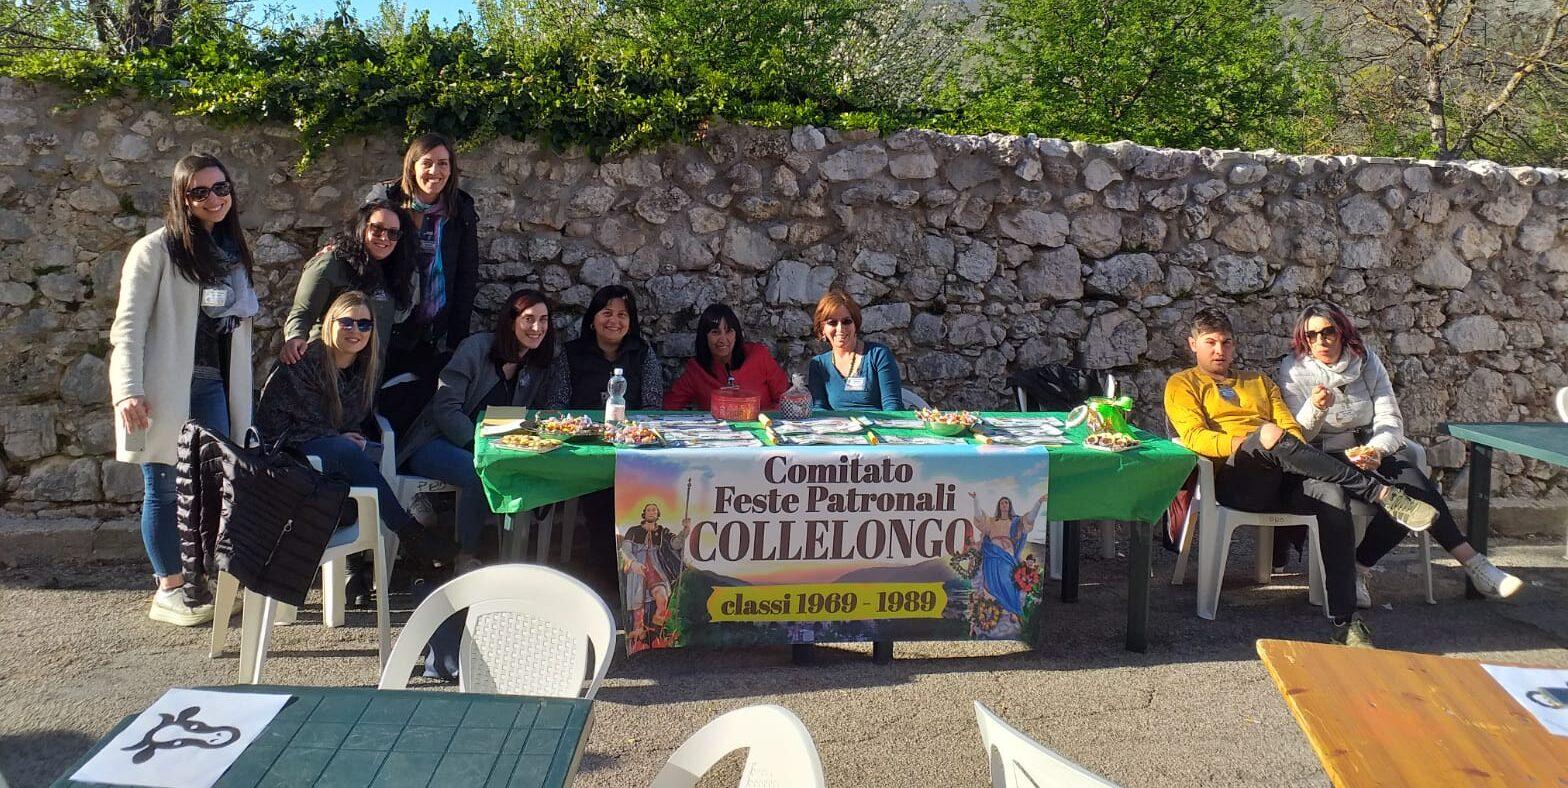 Festa patronali a Collelongo ed esordio per il nuovo Comitato